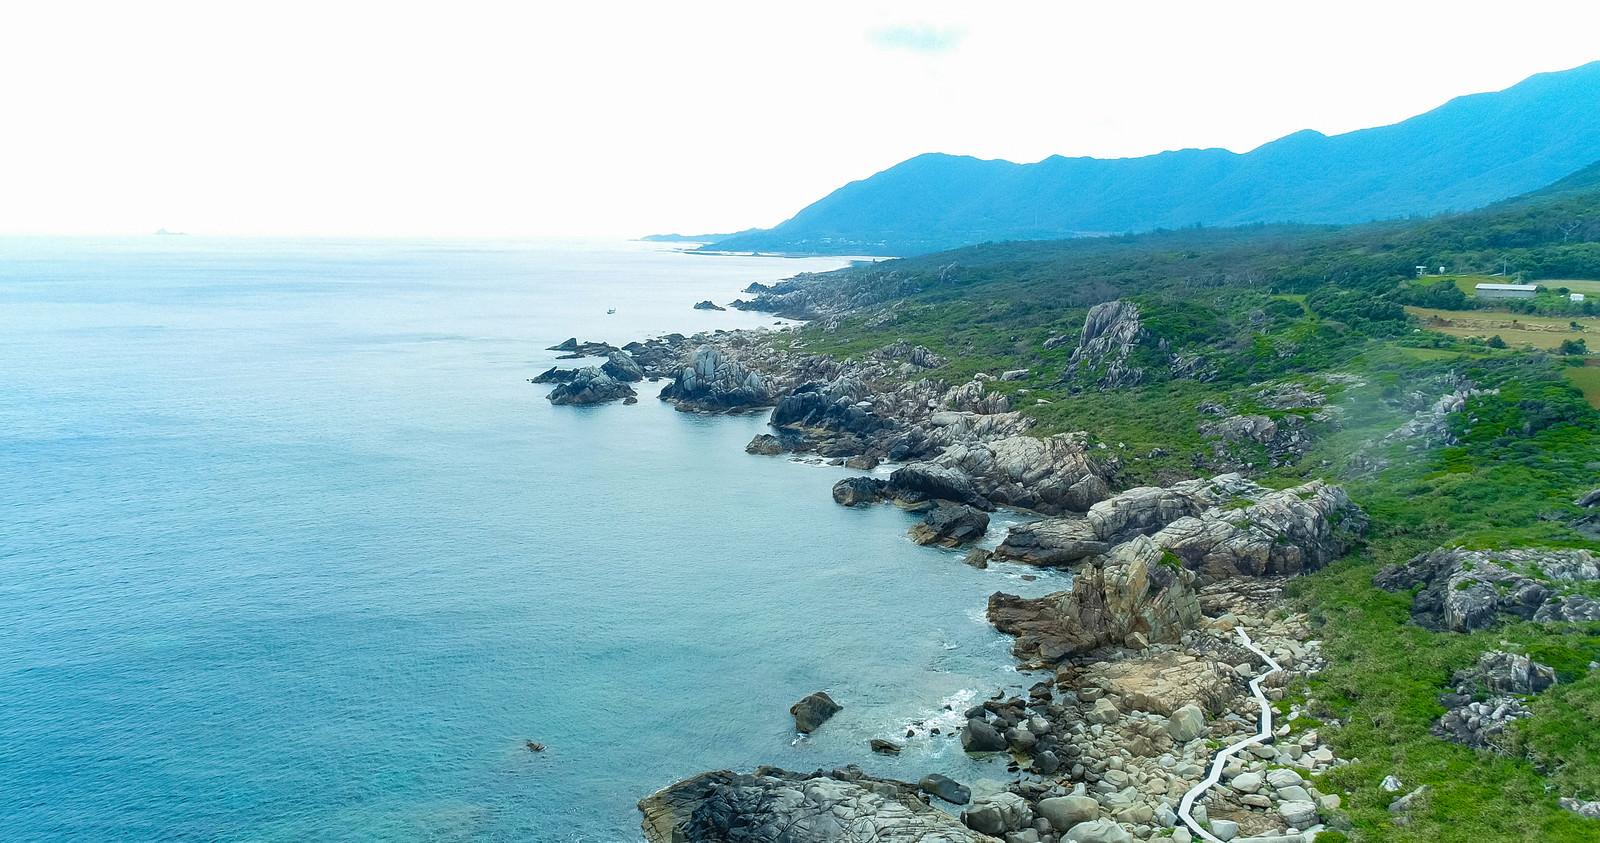 「ムシロを敷き詰めたような巨岩が連なる徳之島ムシロ瀬」の写真